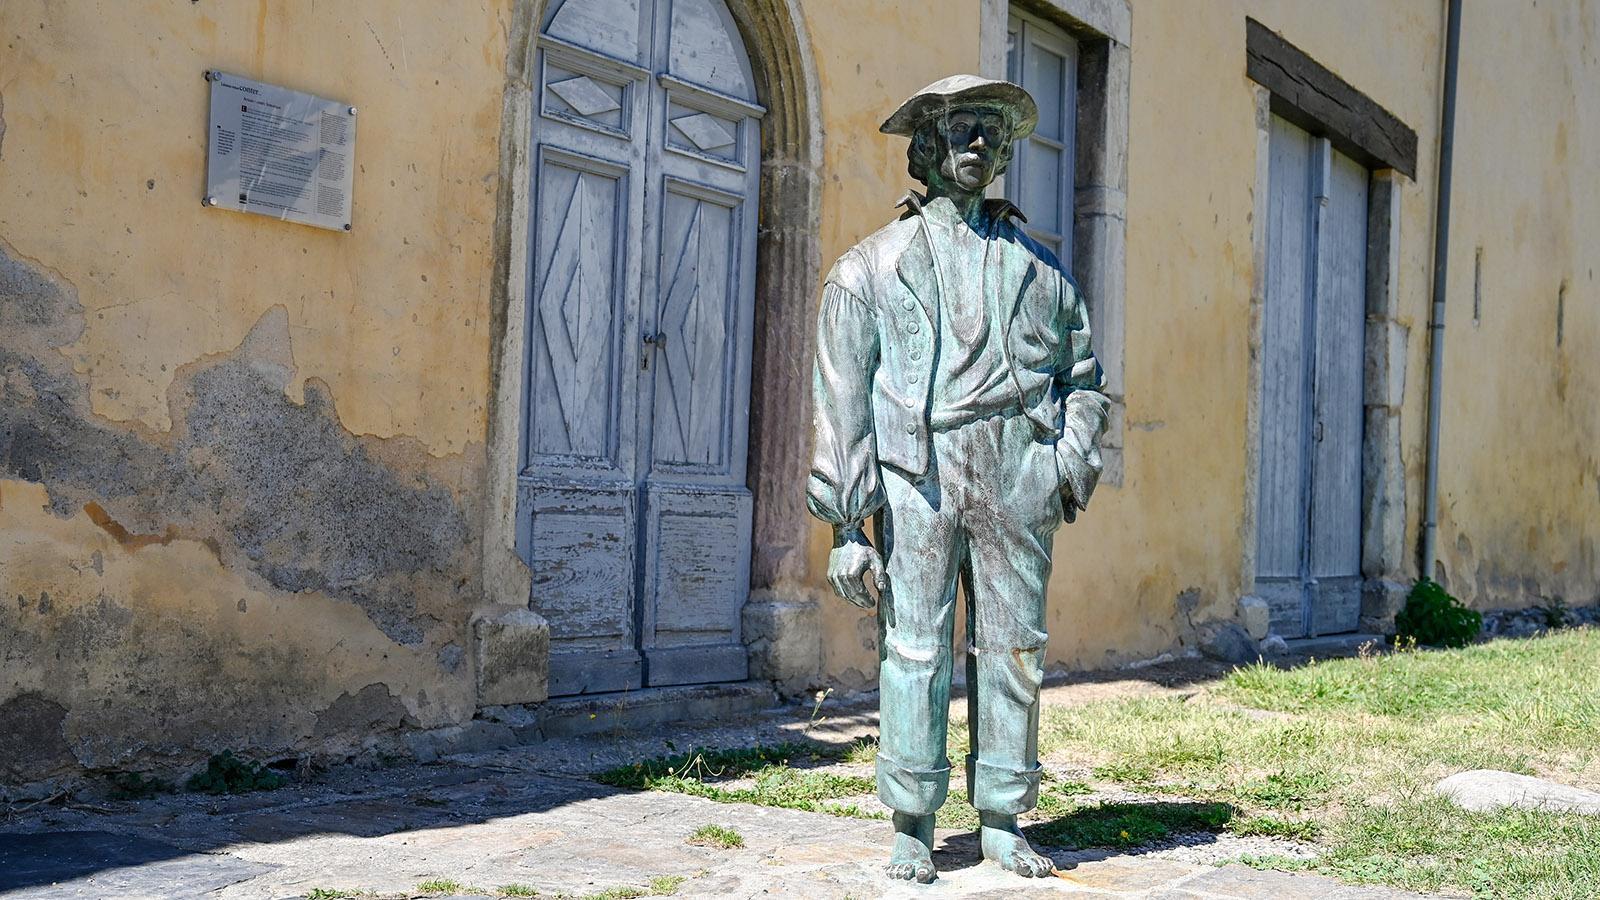 dekoratives Element dient.Titel F_Arreau_cagot_1_credits_Hilke Maunder Beschriftung Die Skulptur eines cagots in Originalgröße weist den Weg zum kleinen Musée des Cagots in Arreau. Foto: Hilke Maunder Beschreibung Datei-URL: